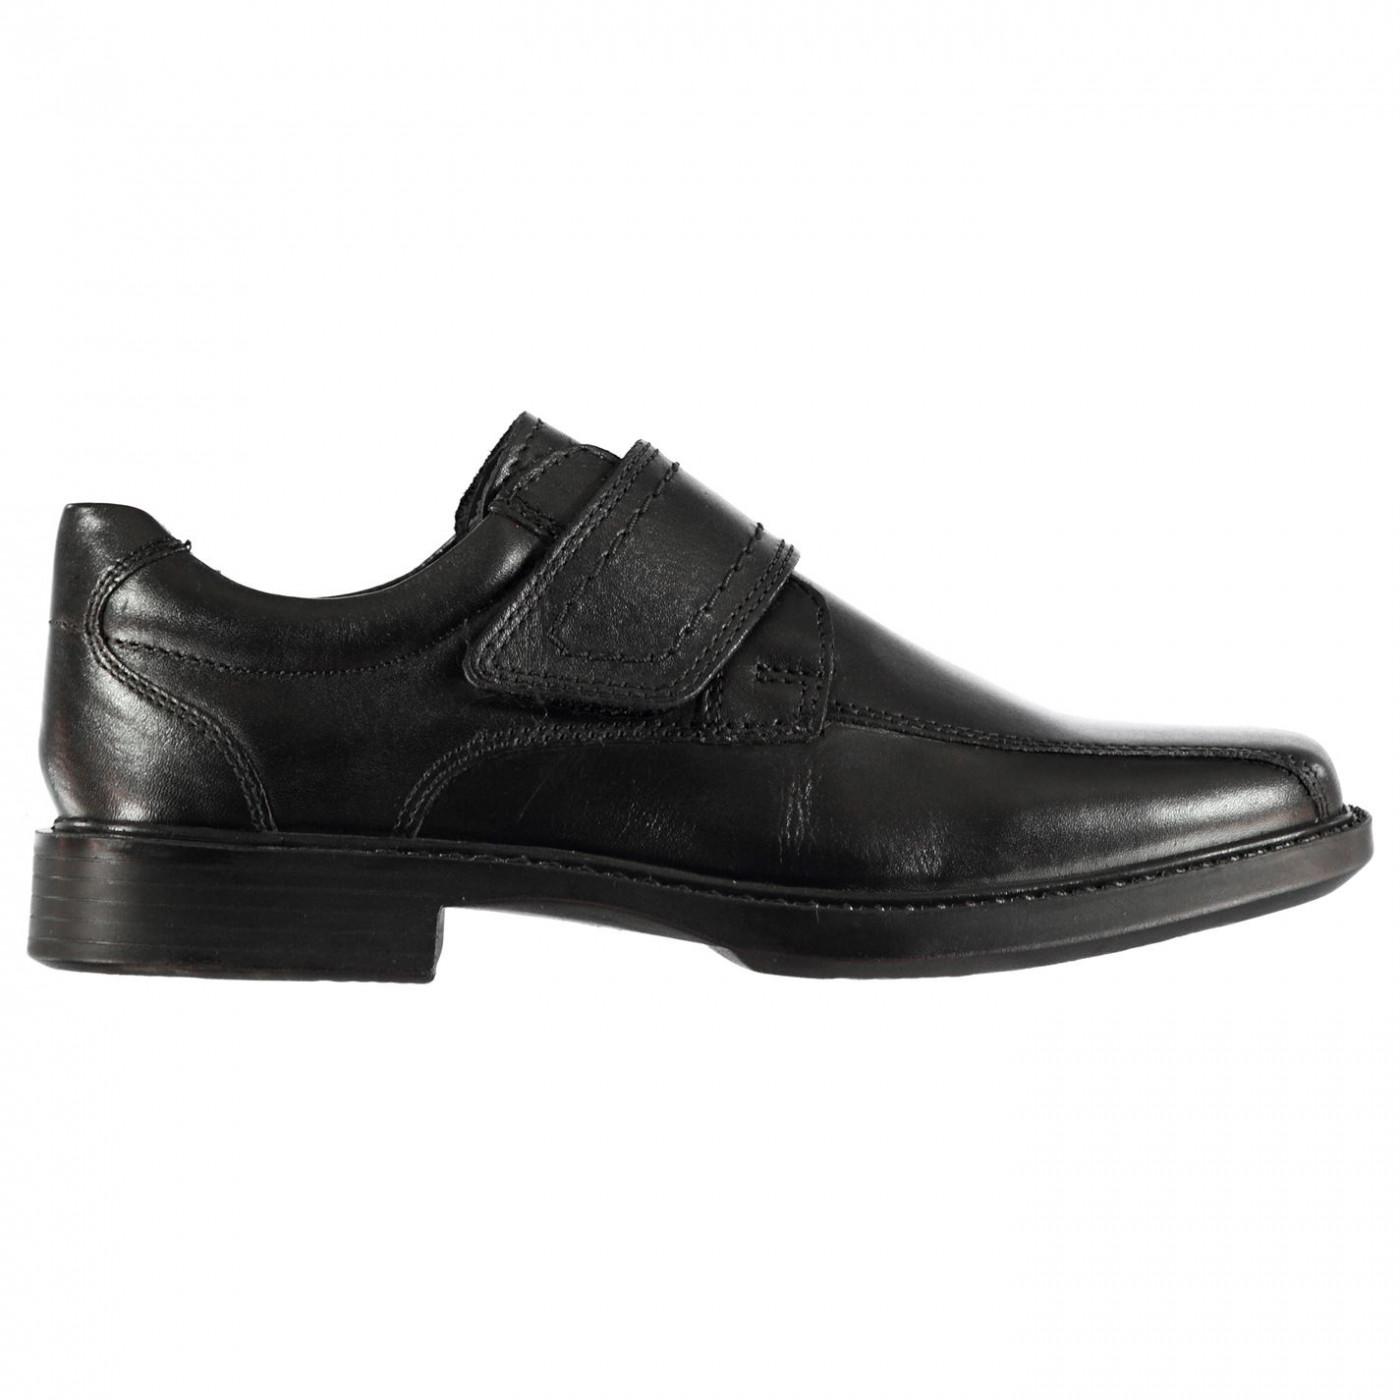 Kangol Castor Strap Shoes Child Boys